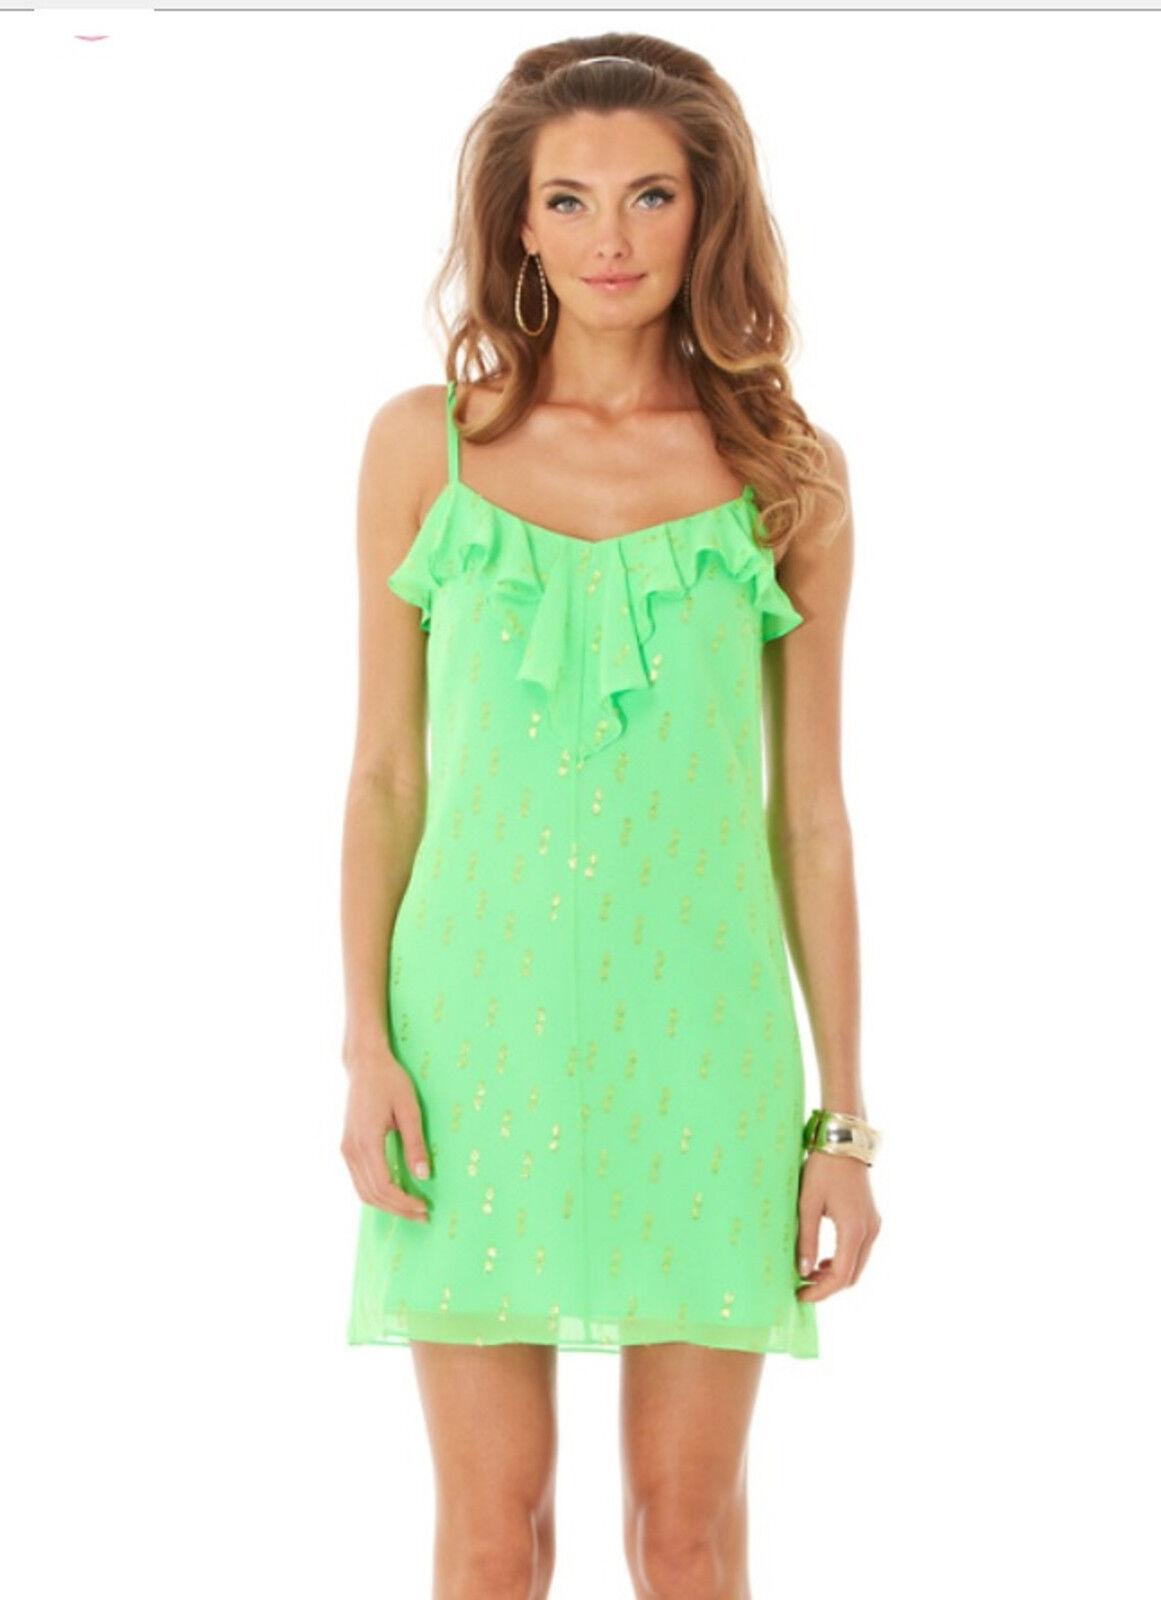 Lilly Pulitzer Silk Gianna Strappy Dress Grün Metallic Dot XS S   New